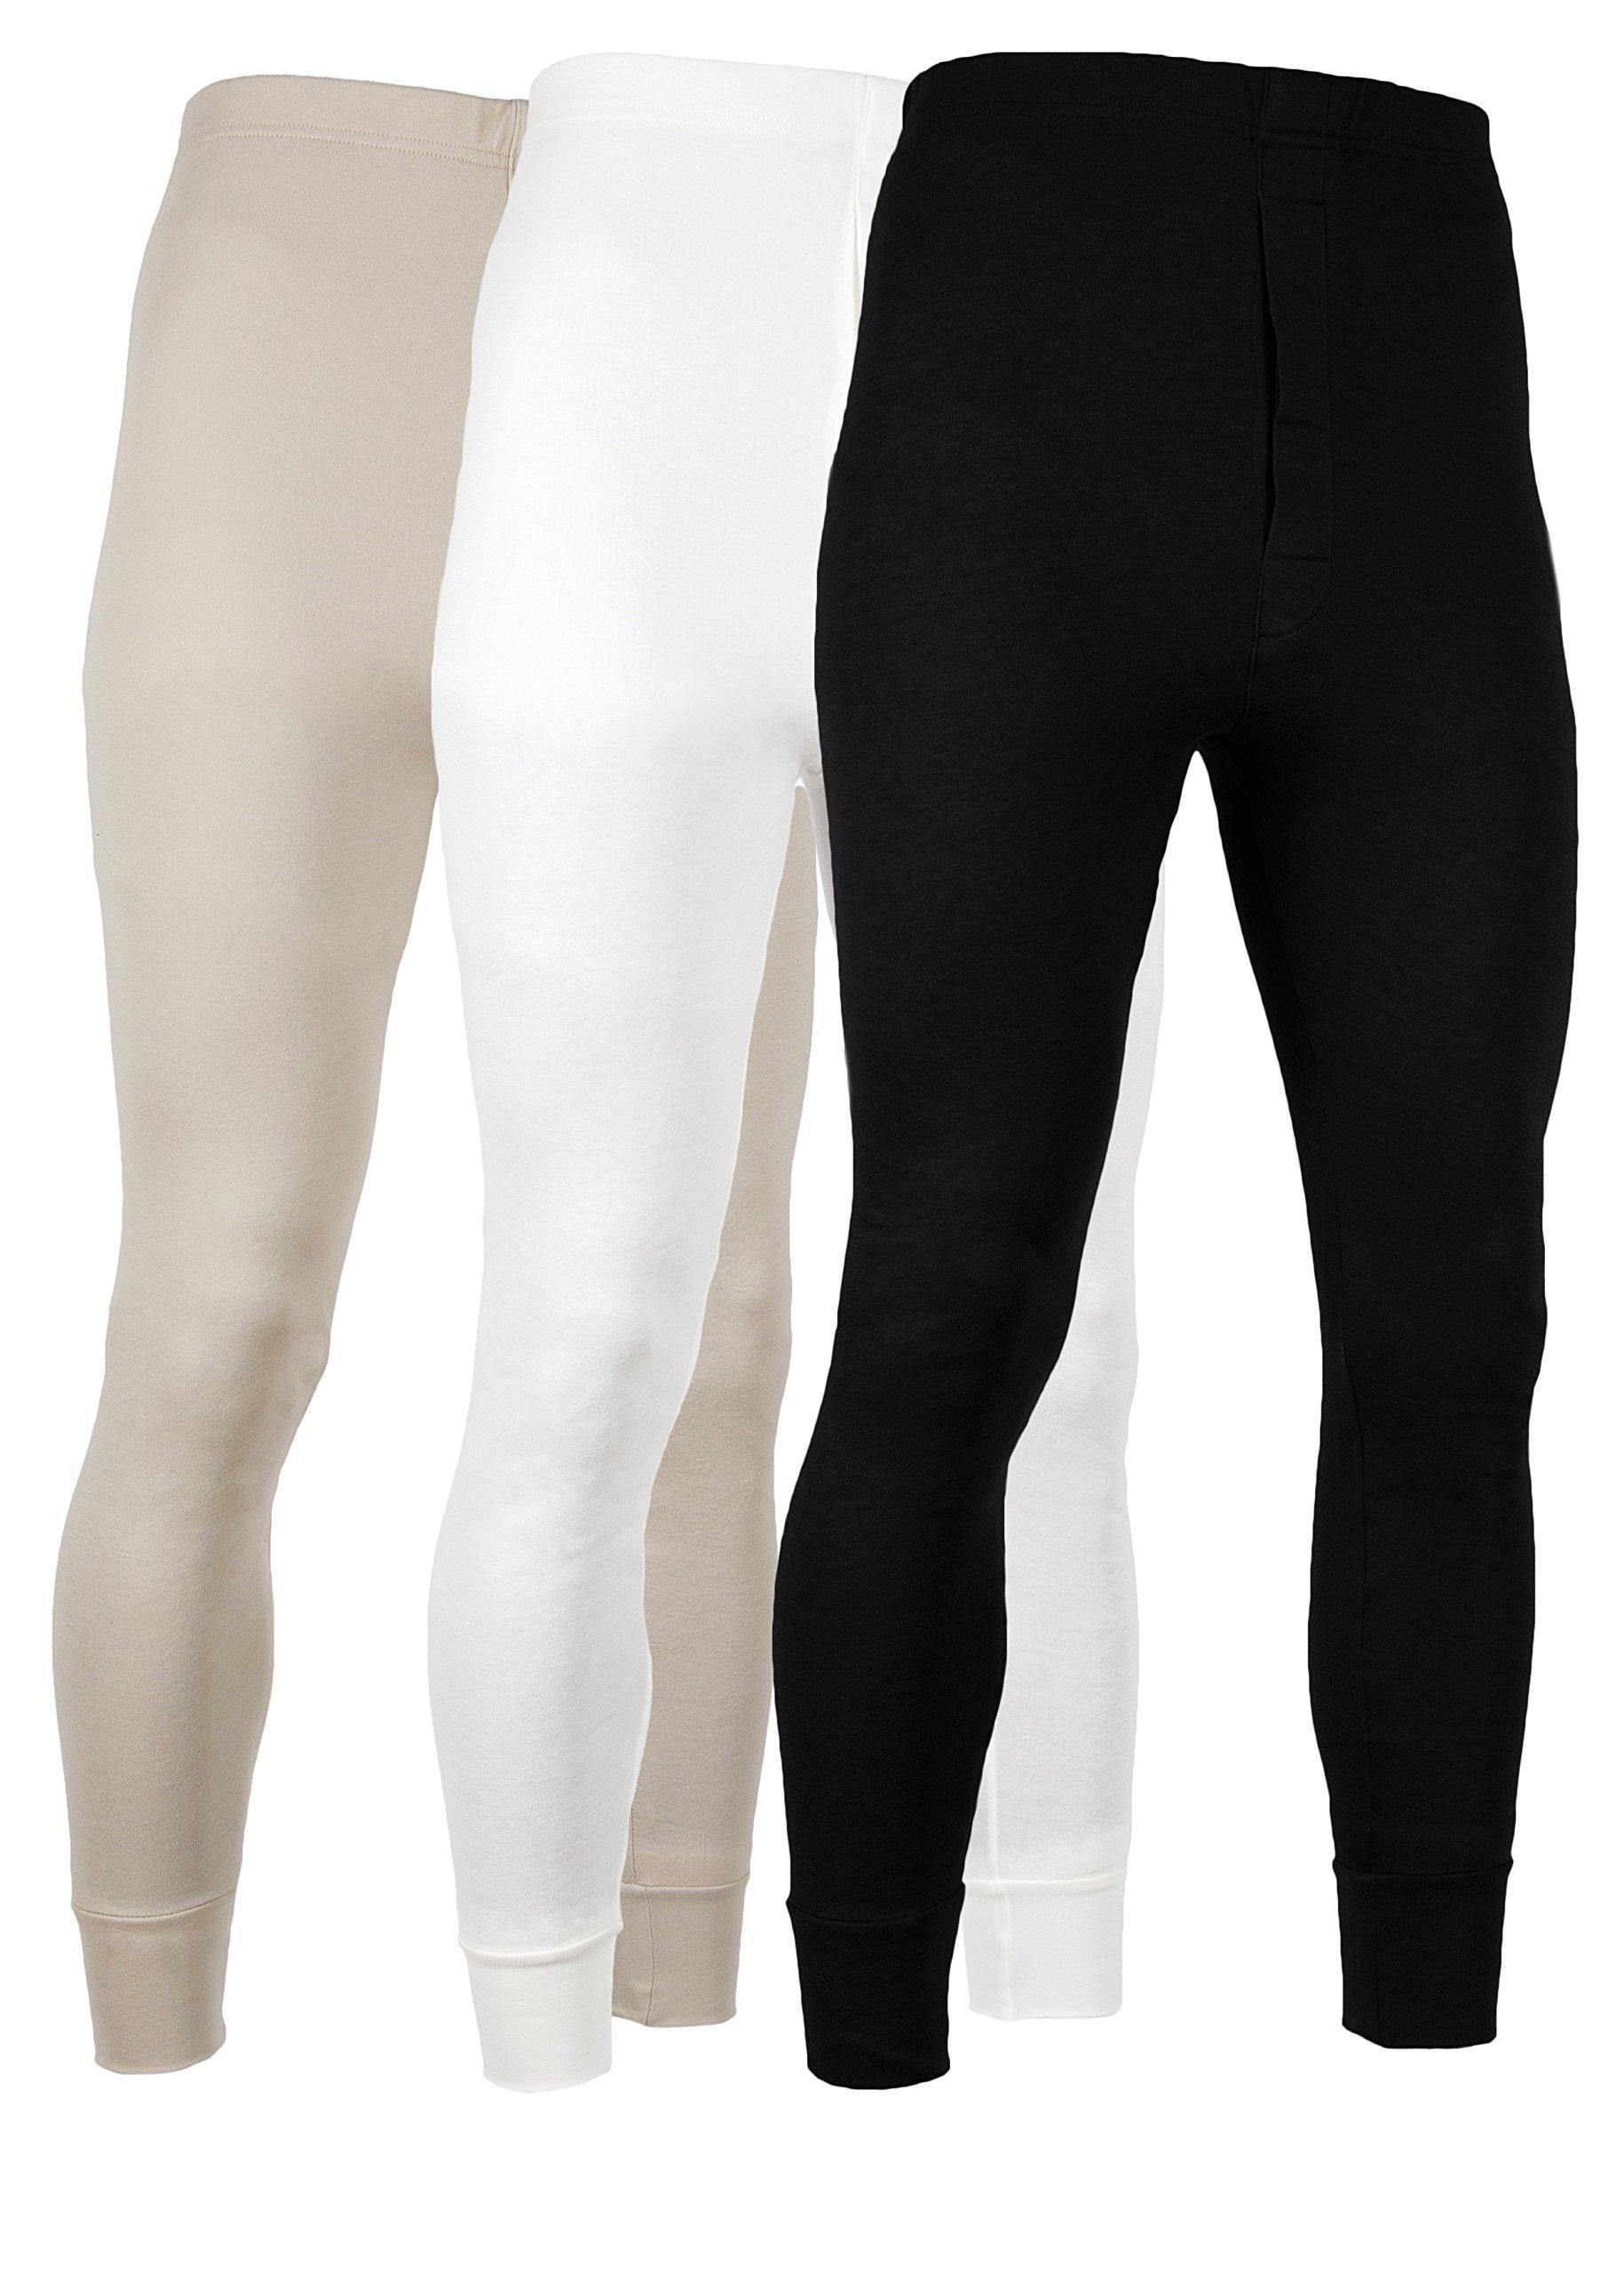 AMERICAN ACTIVE男性用パンツ暖かいレギンス綿ウールライニング*パンティー--- 3個